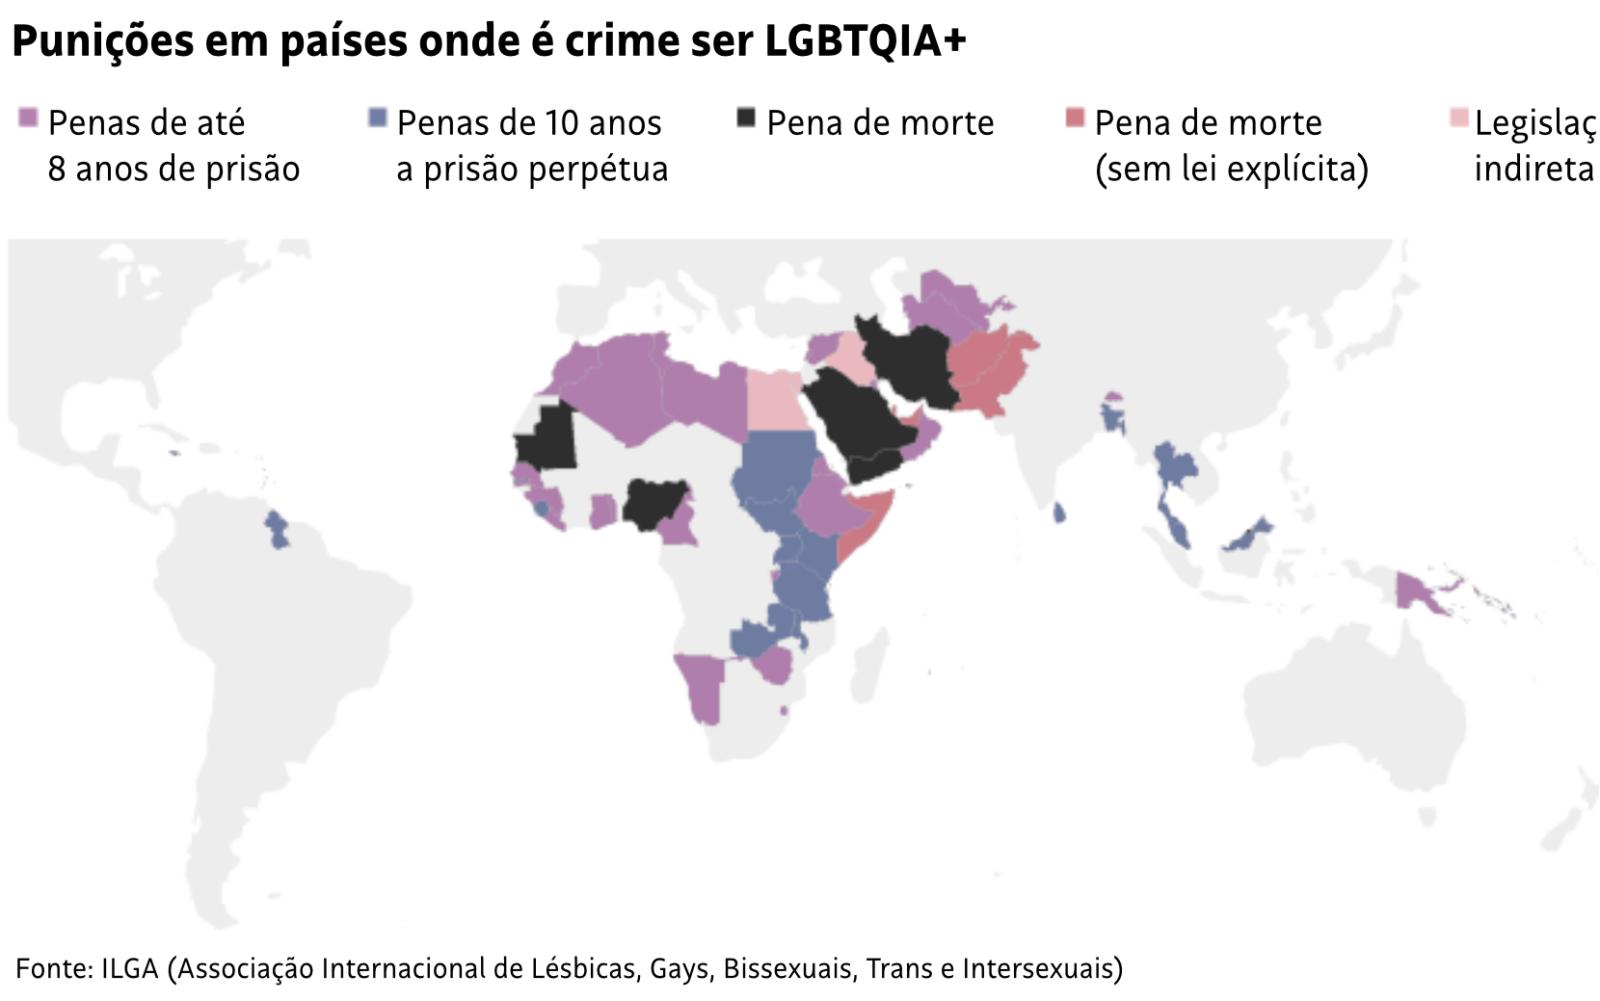 Punições em países onde é crime ser LGBTQIA+. Fonte: ILGA (Associação Internacional de Lésbicas, Gays, Bissexuais, Trans e Intersexuais)